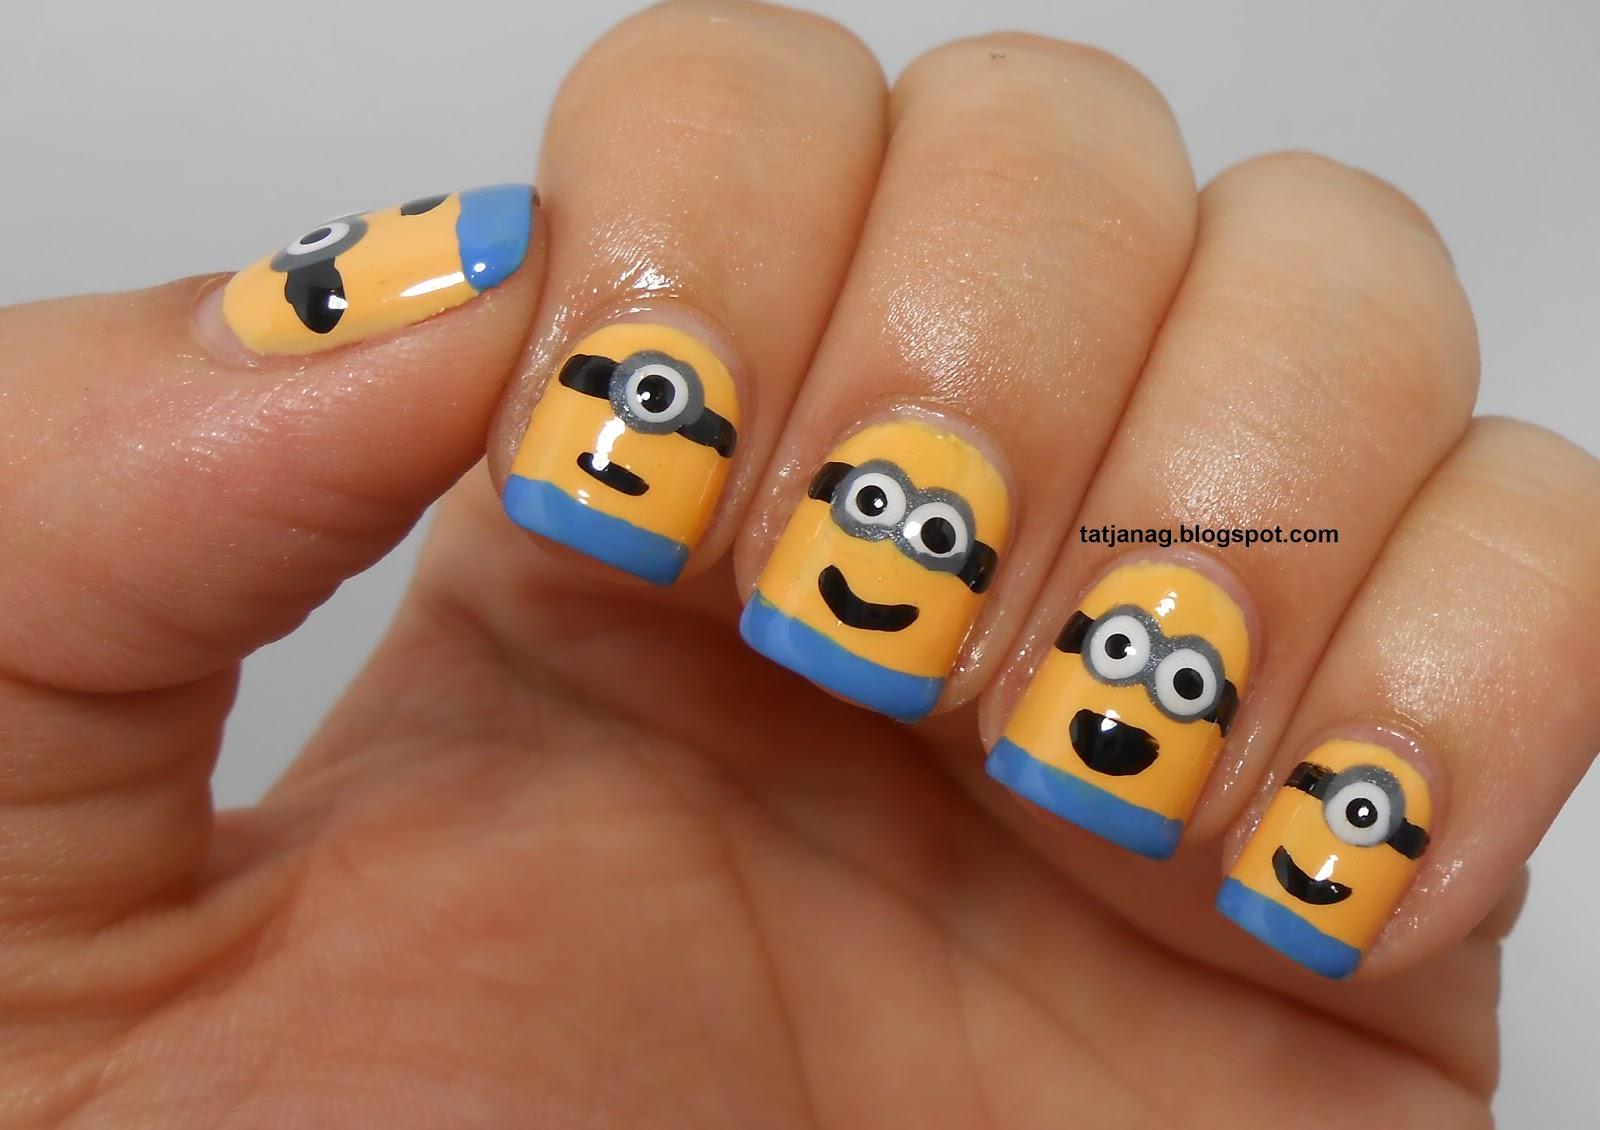 Как нарисовать миньонов на ногтях